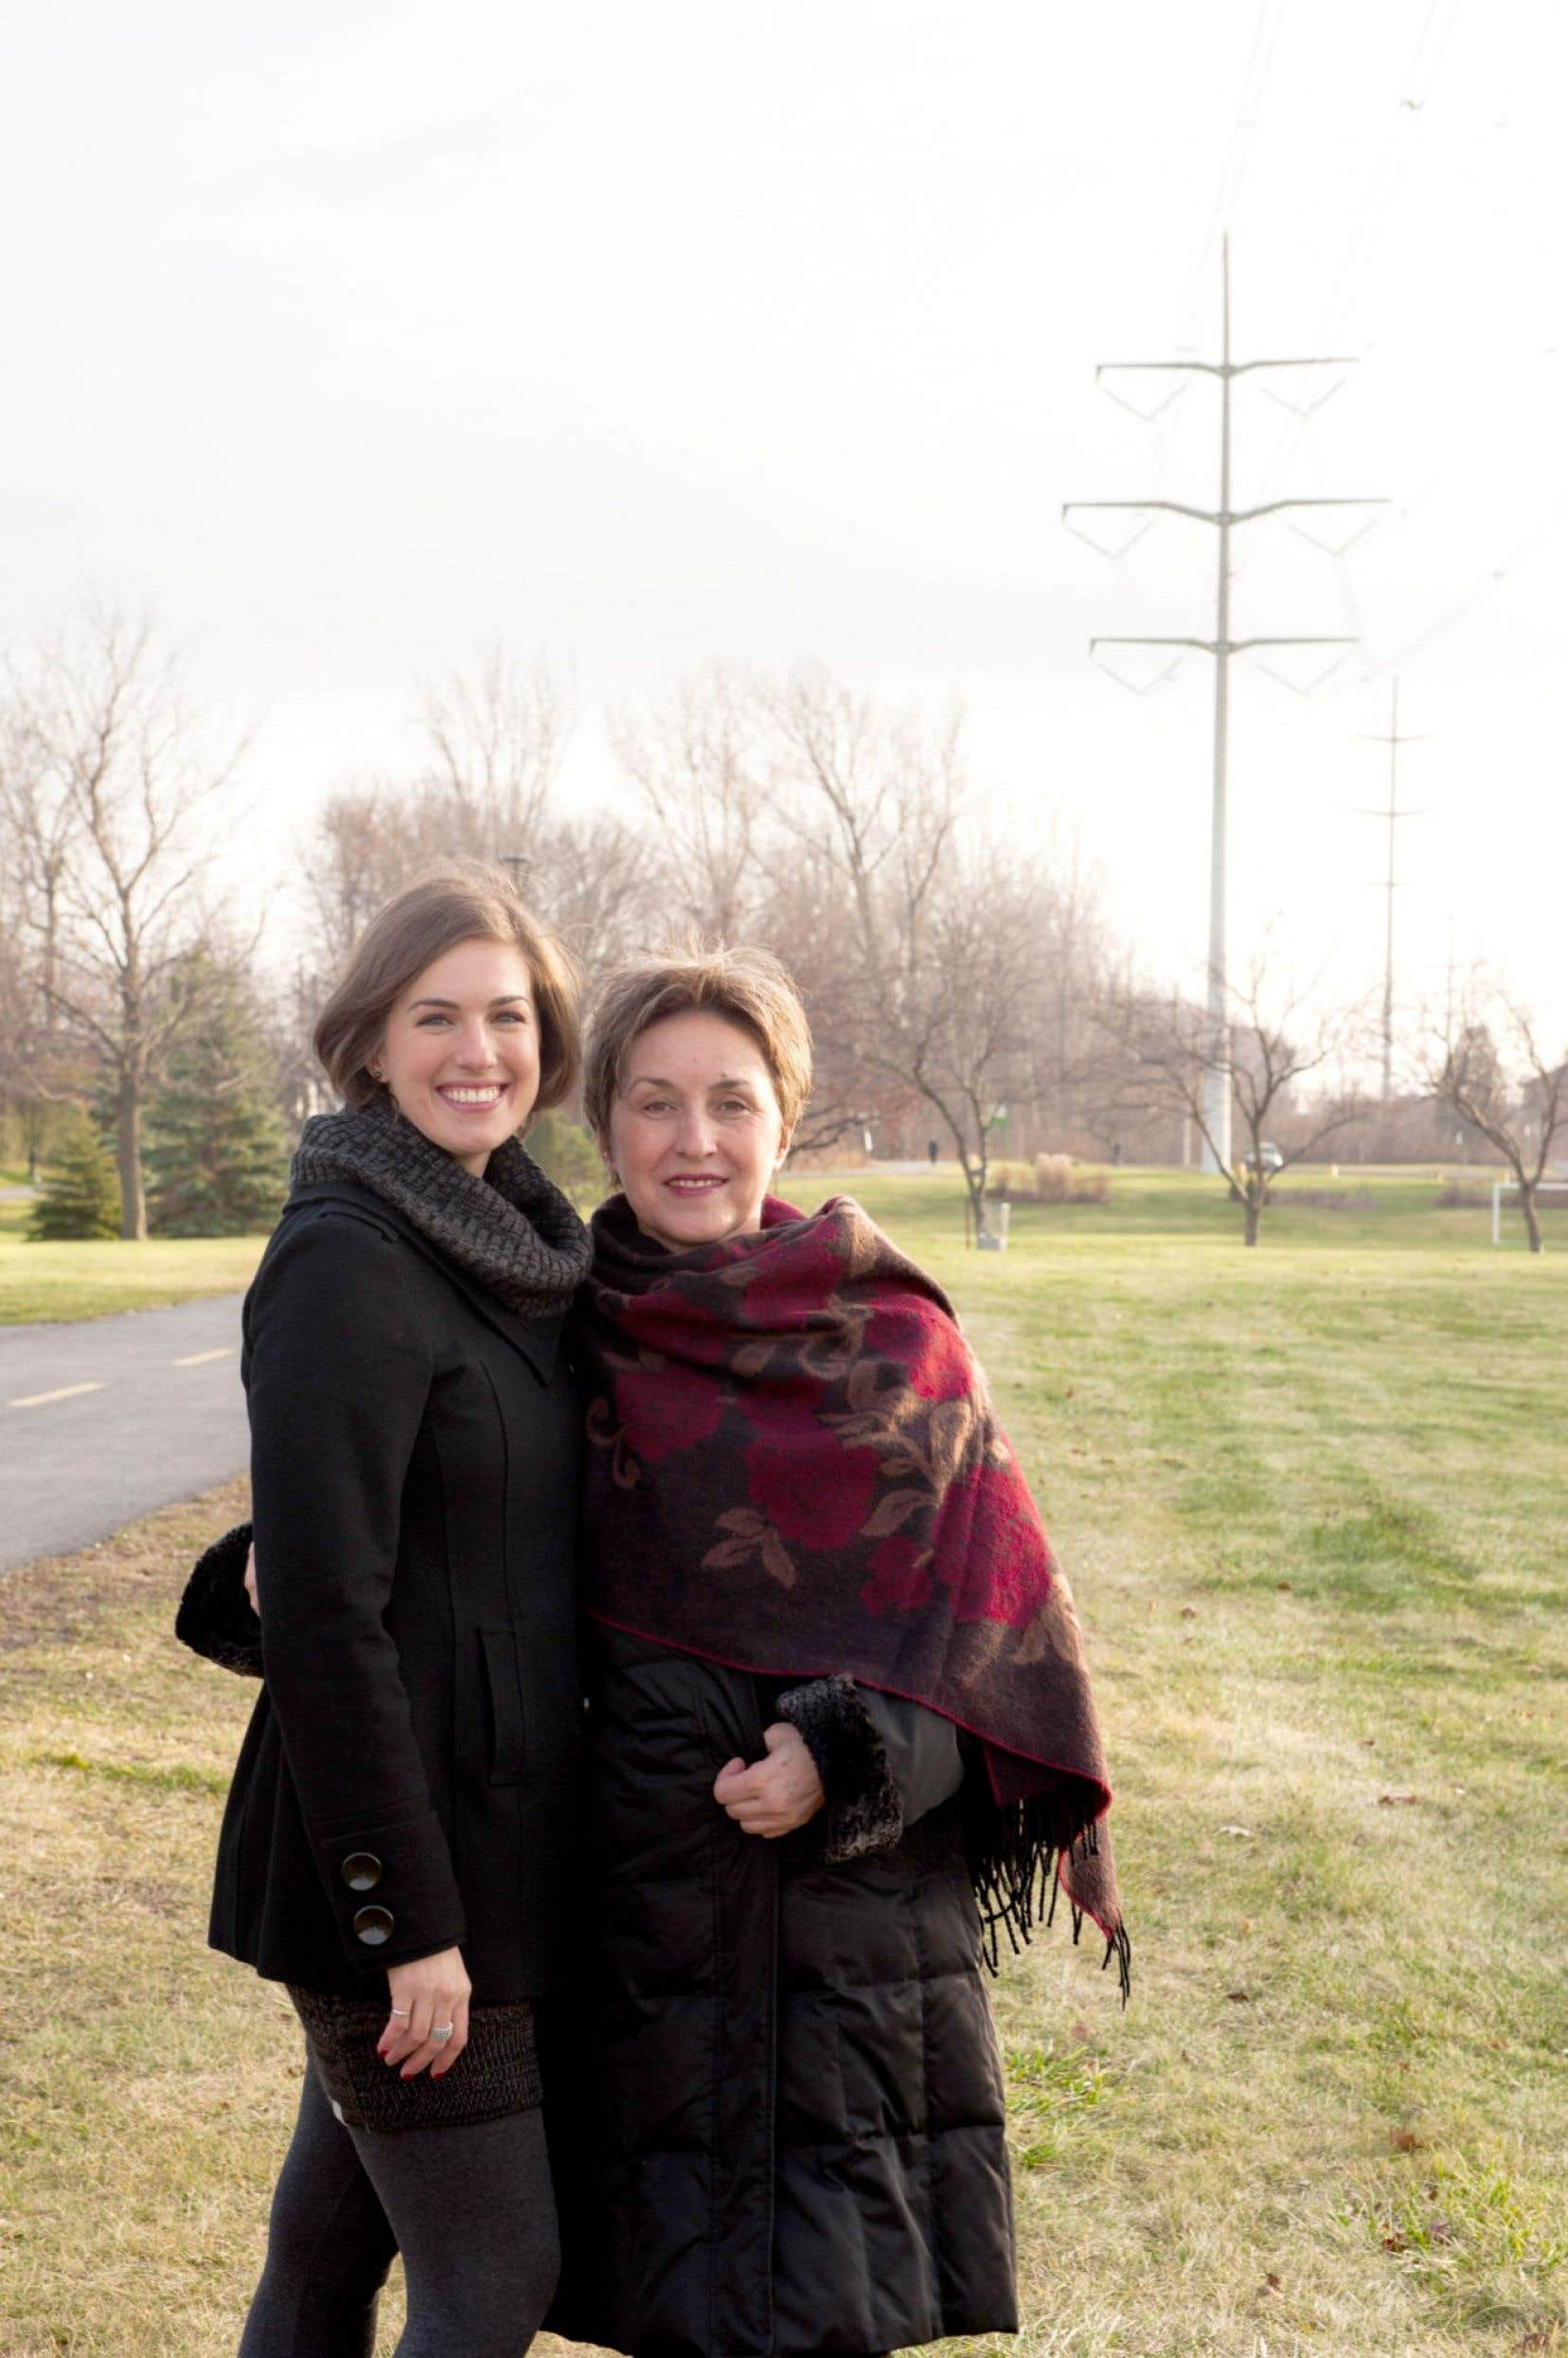 Fille et mère, Fatima et Ana Radics ont d'ailleurs fait leur formation en génie à Polytechnique, avant de devenir membres de l'Ordre des ingénieurs du Québec et d'obtenir des emplois chez Hydro-Québec.